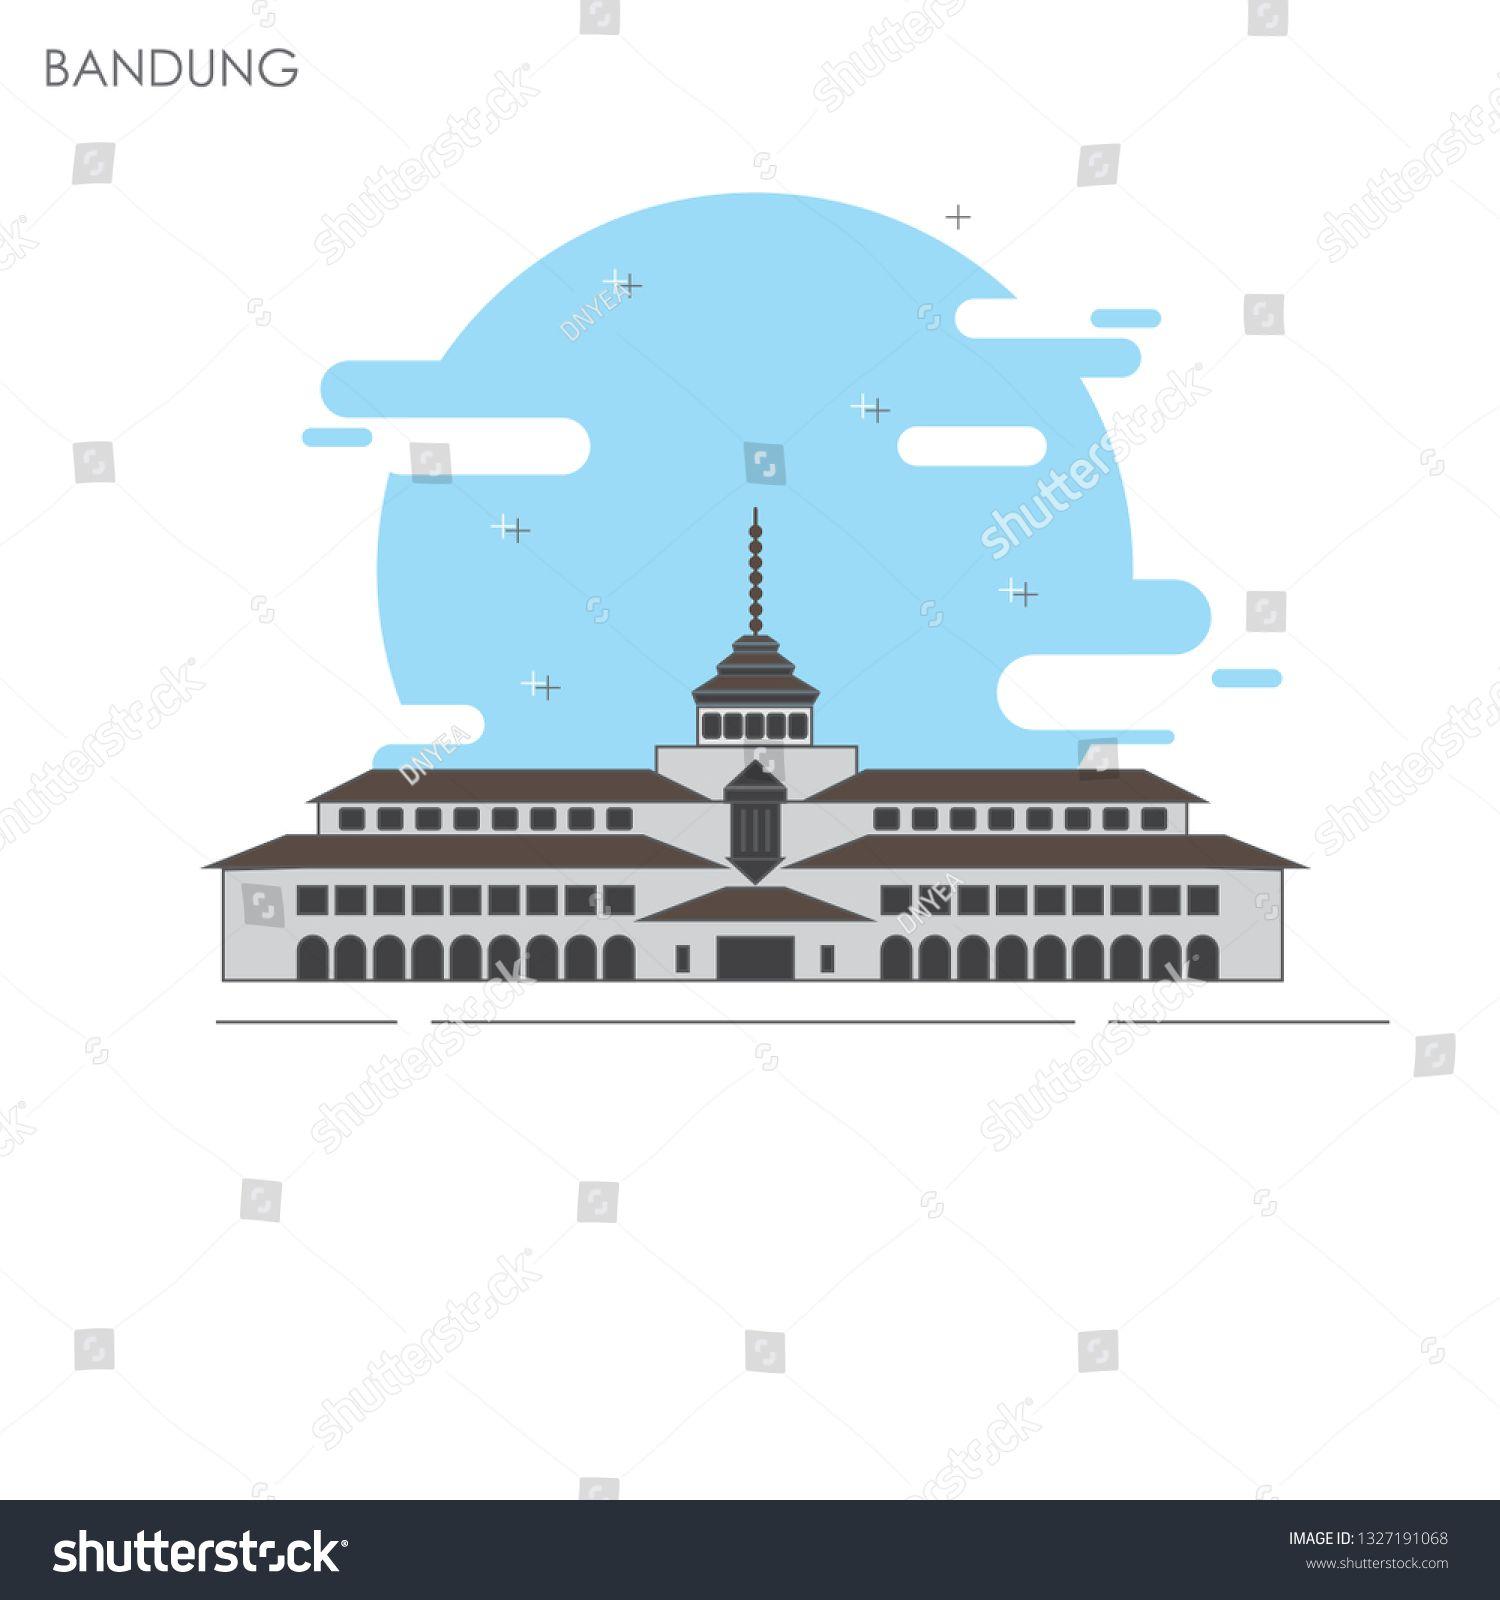 Gedung Satay Gedung Satay Bandung Icon Stock Vector Royalty Free 1327191068 Vector Images Bandung Image